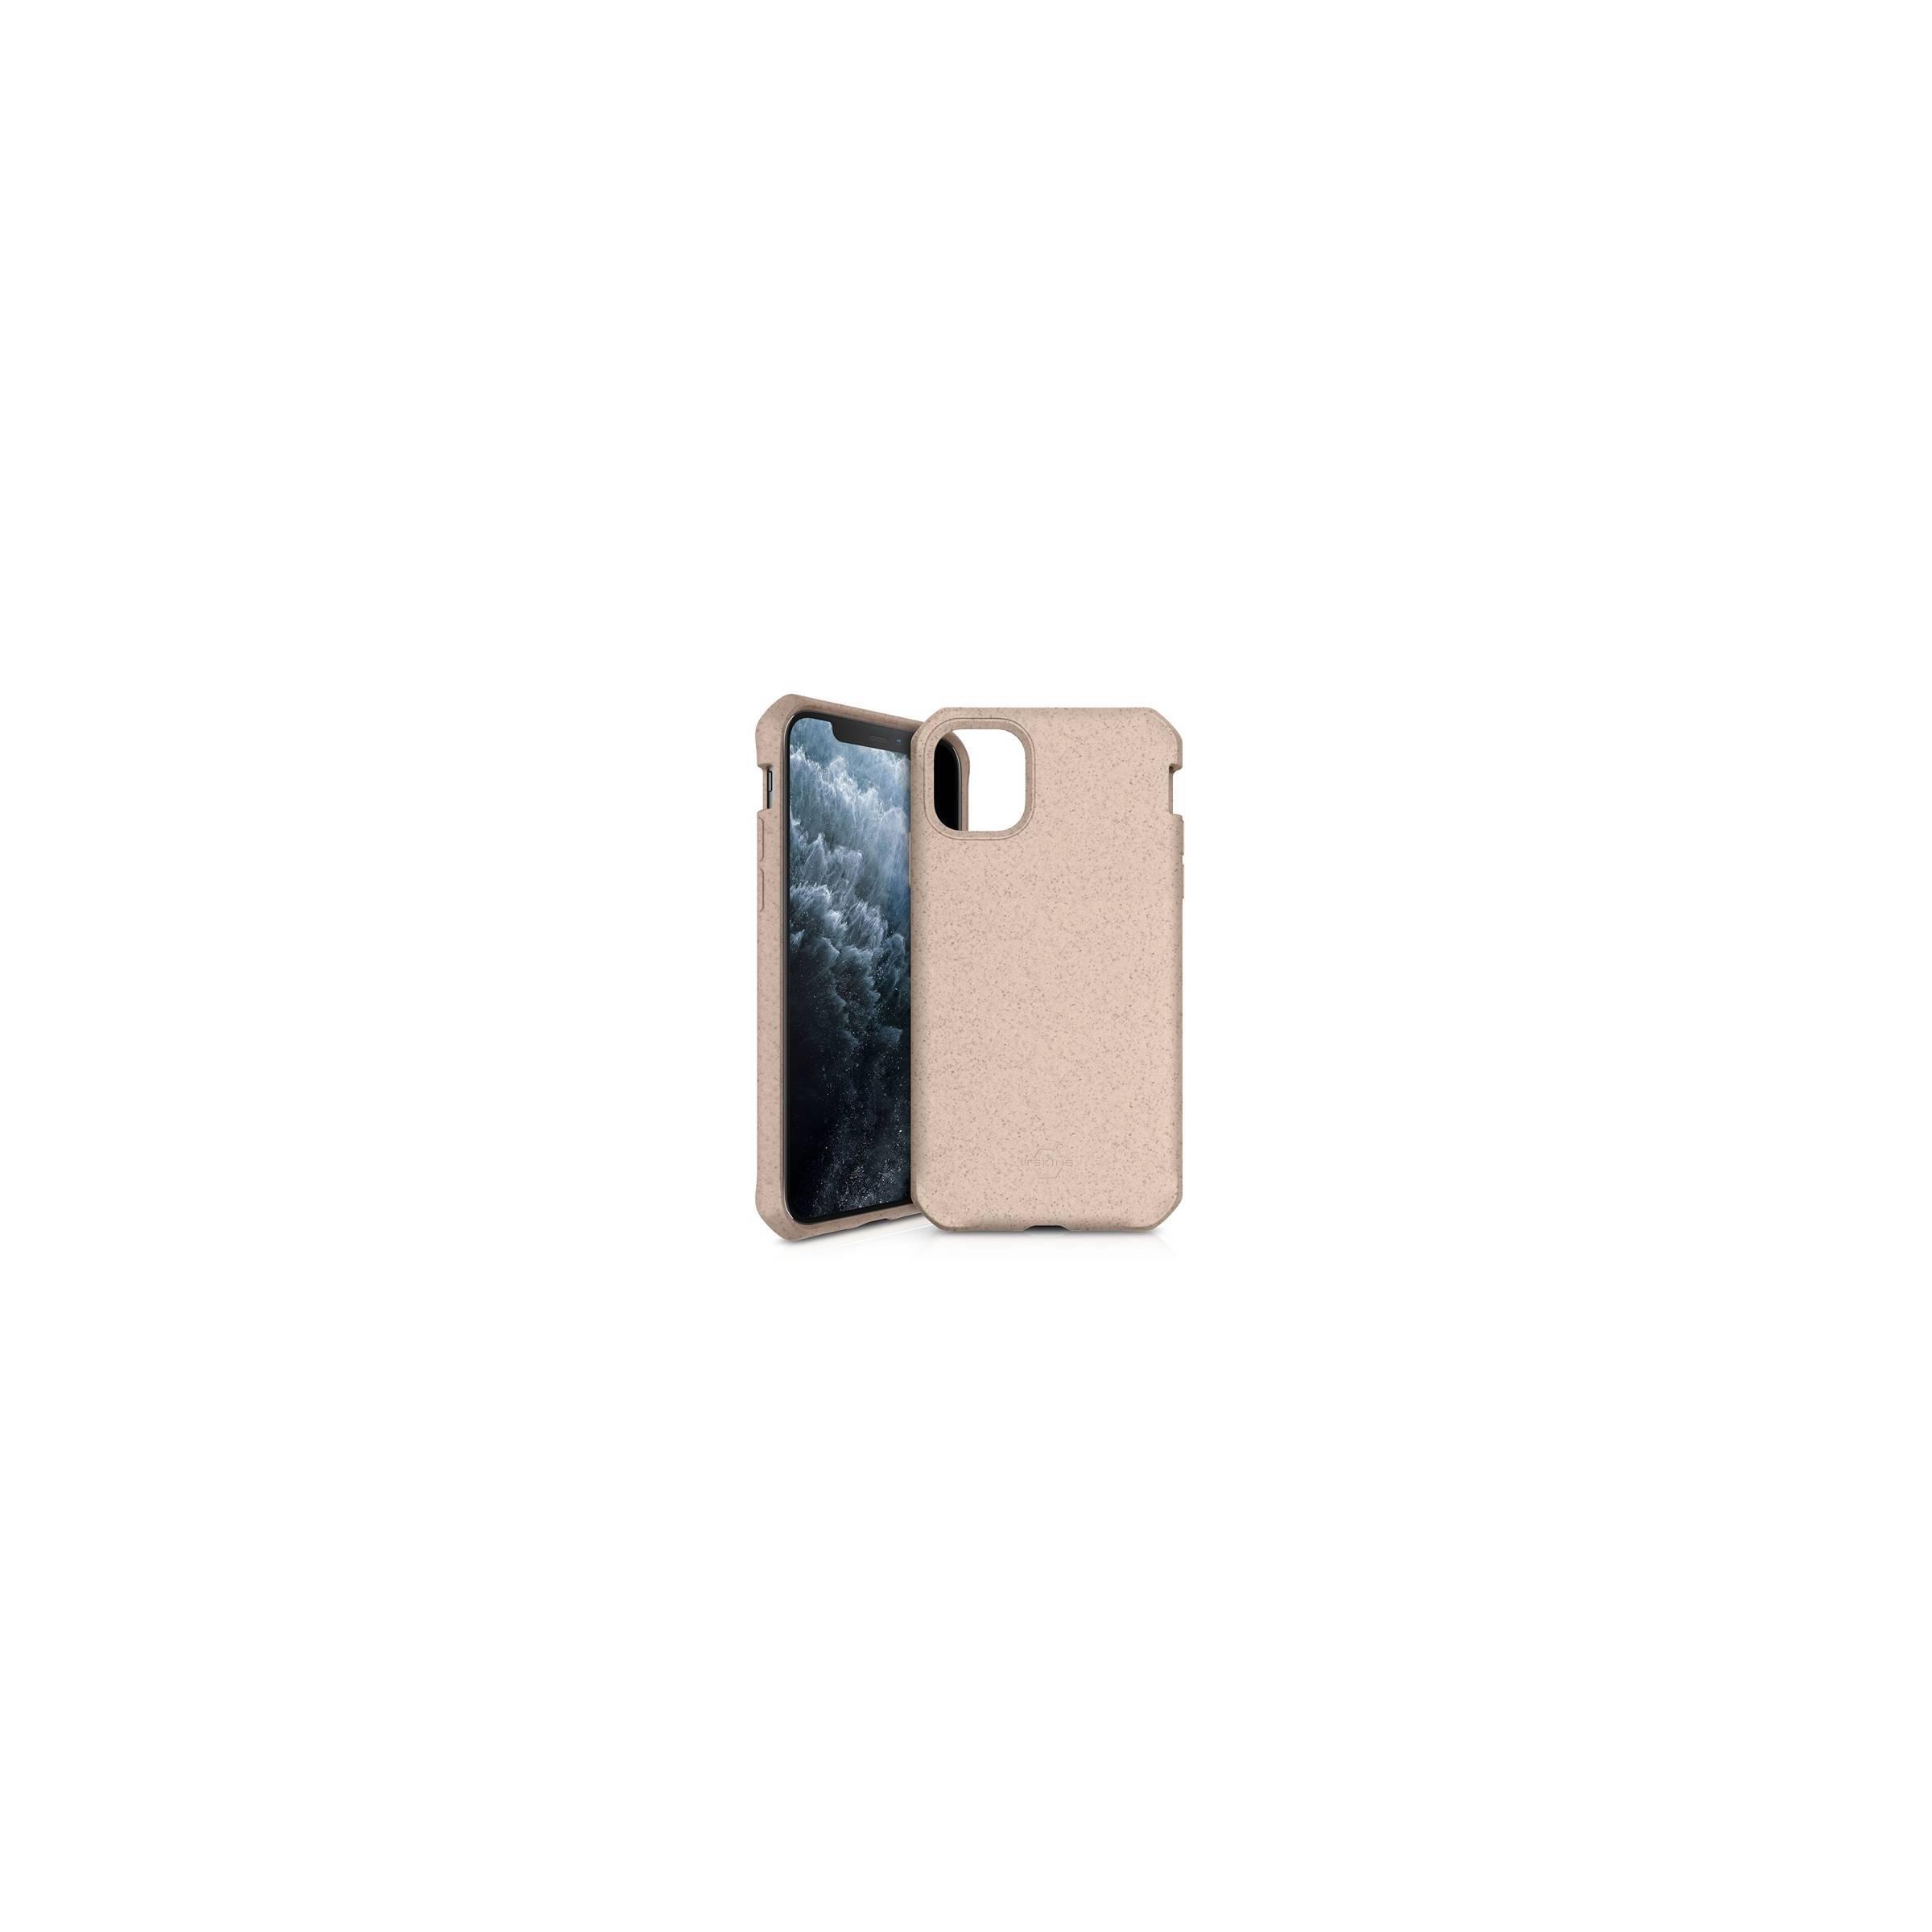 Feroniabio bionedbrydeligt iphone 11 pro cover fra itskins fra itskins på mackabler.dk